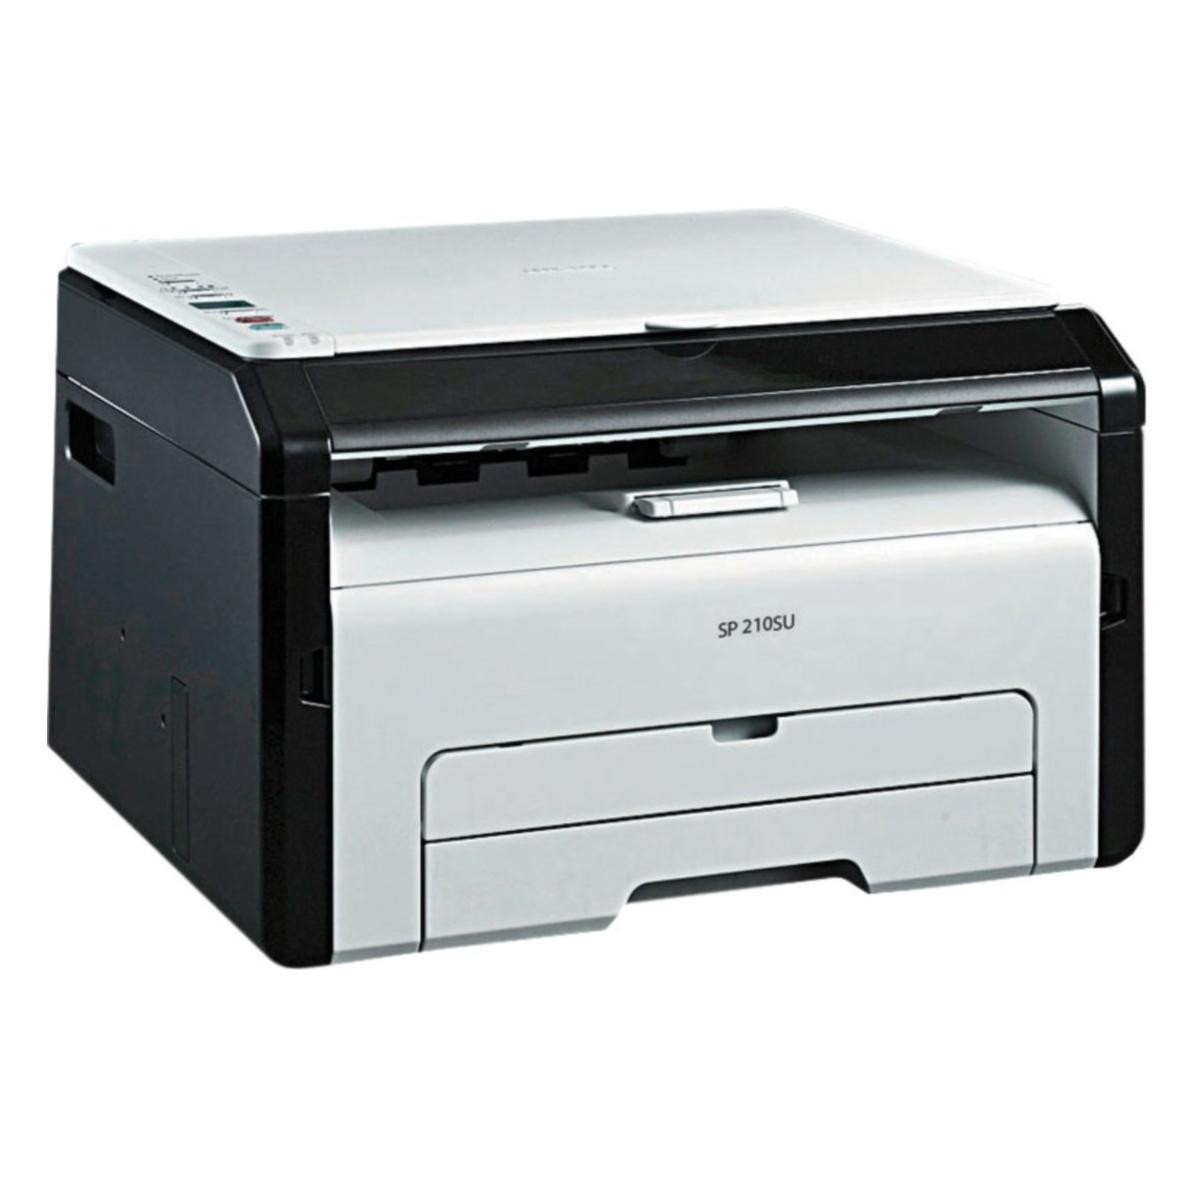 Скачать драйвер для принтера ricoh aficio sp 100 windows 10